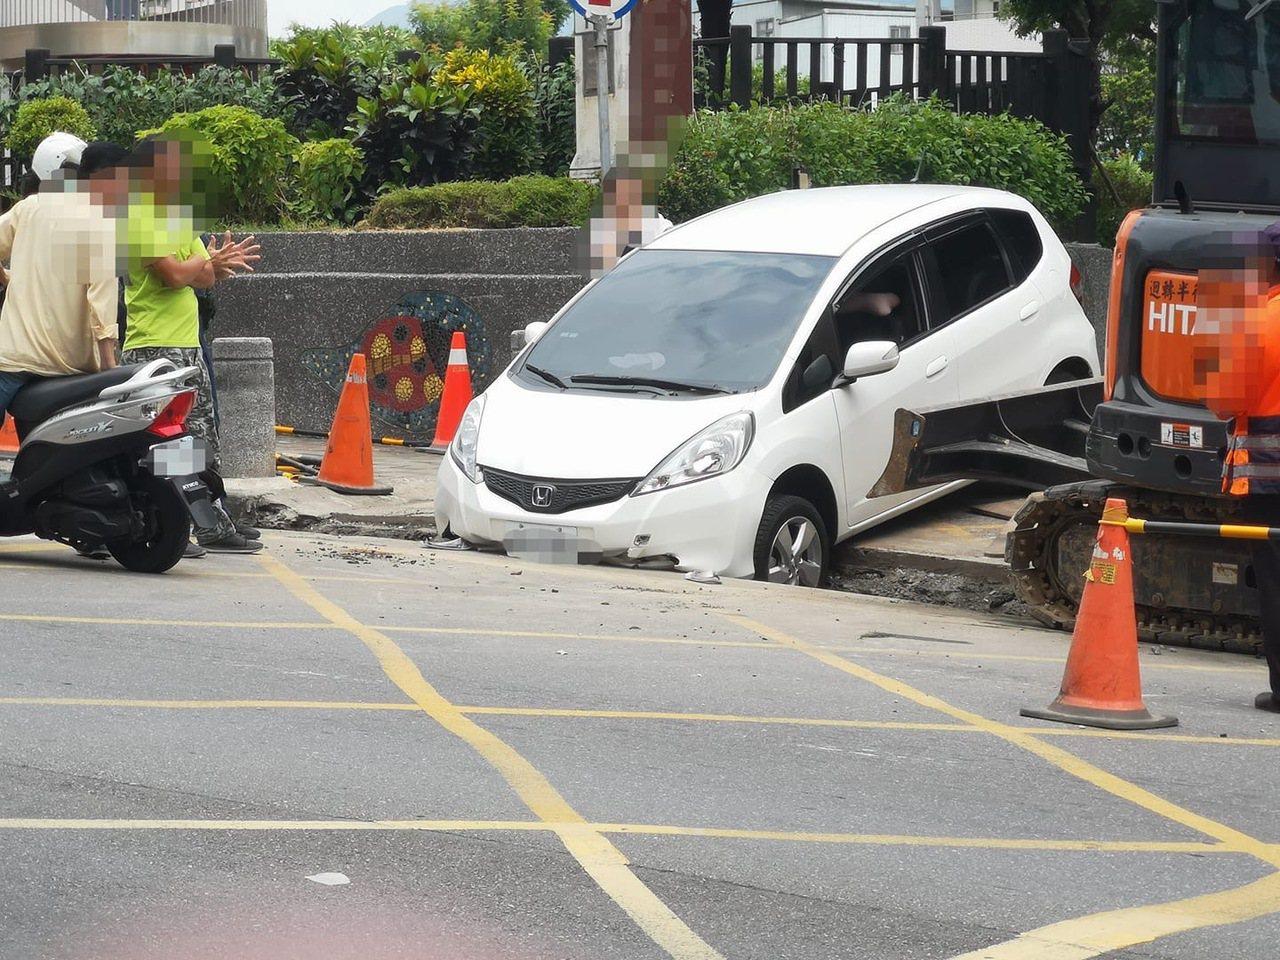 目擊民眾拍下車輛掉入溝內的畫面,不少民眾都覺得不可思議。圖/翻攝自地方臉書社團